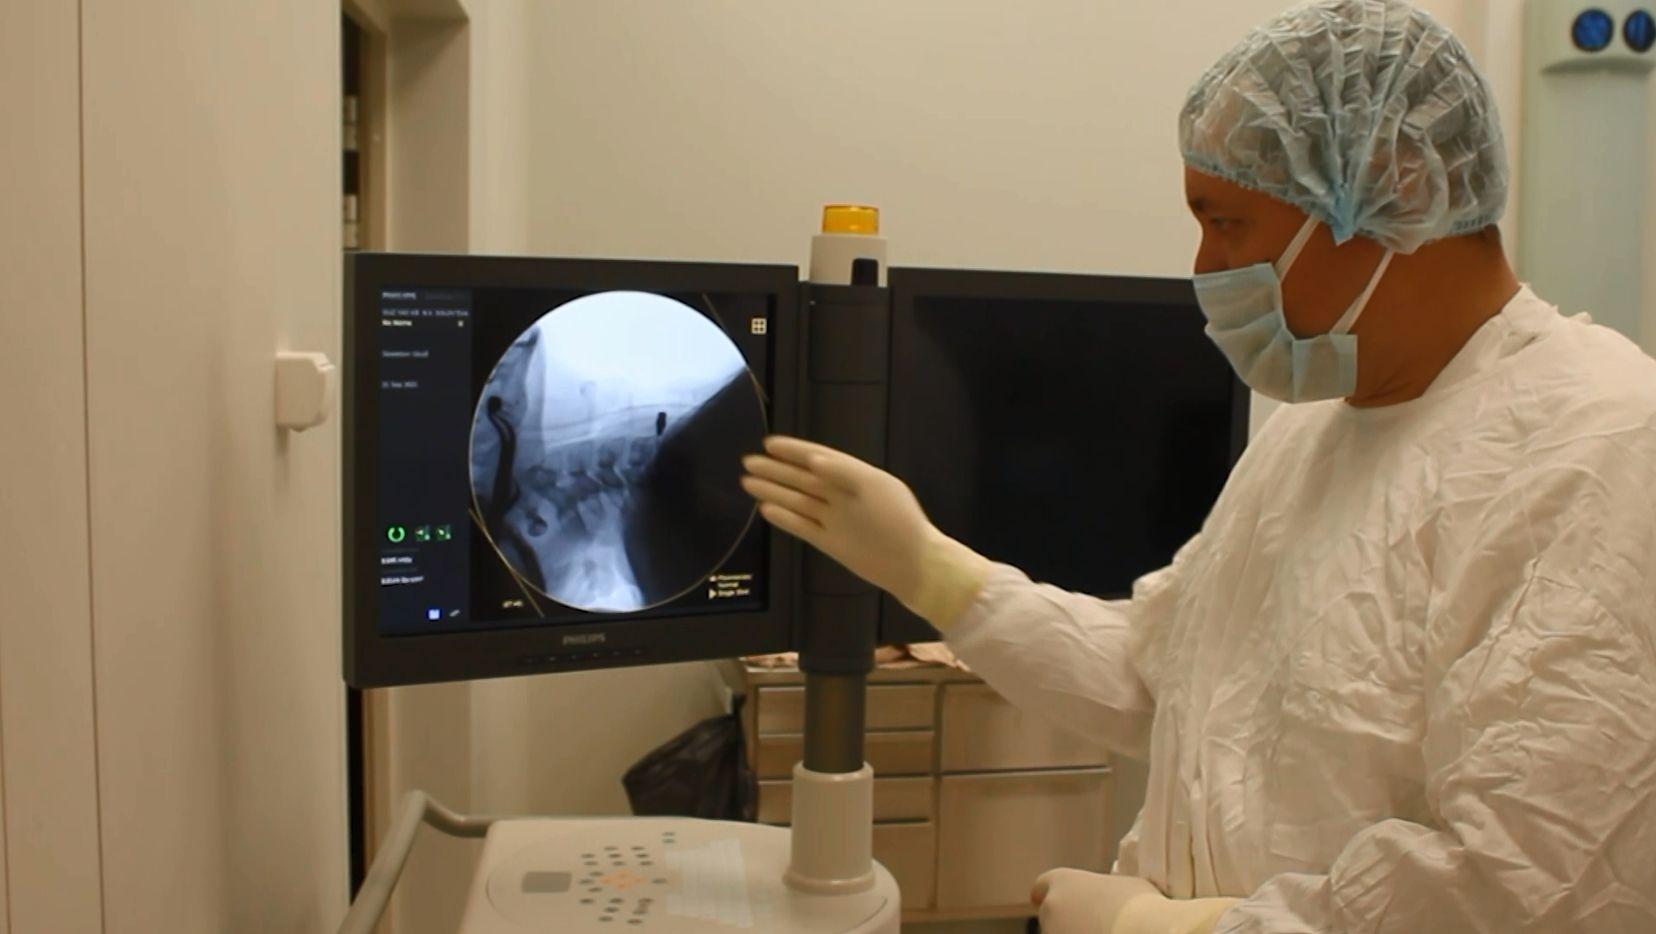 Врачи Соловьёвской больницы Ярославля получили новый аппарат, с помощью которого можно разглядеть даже мельчайшие сосуды